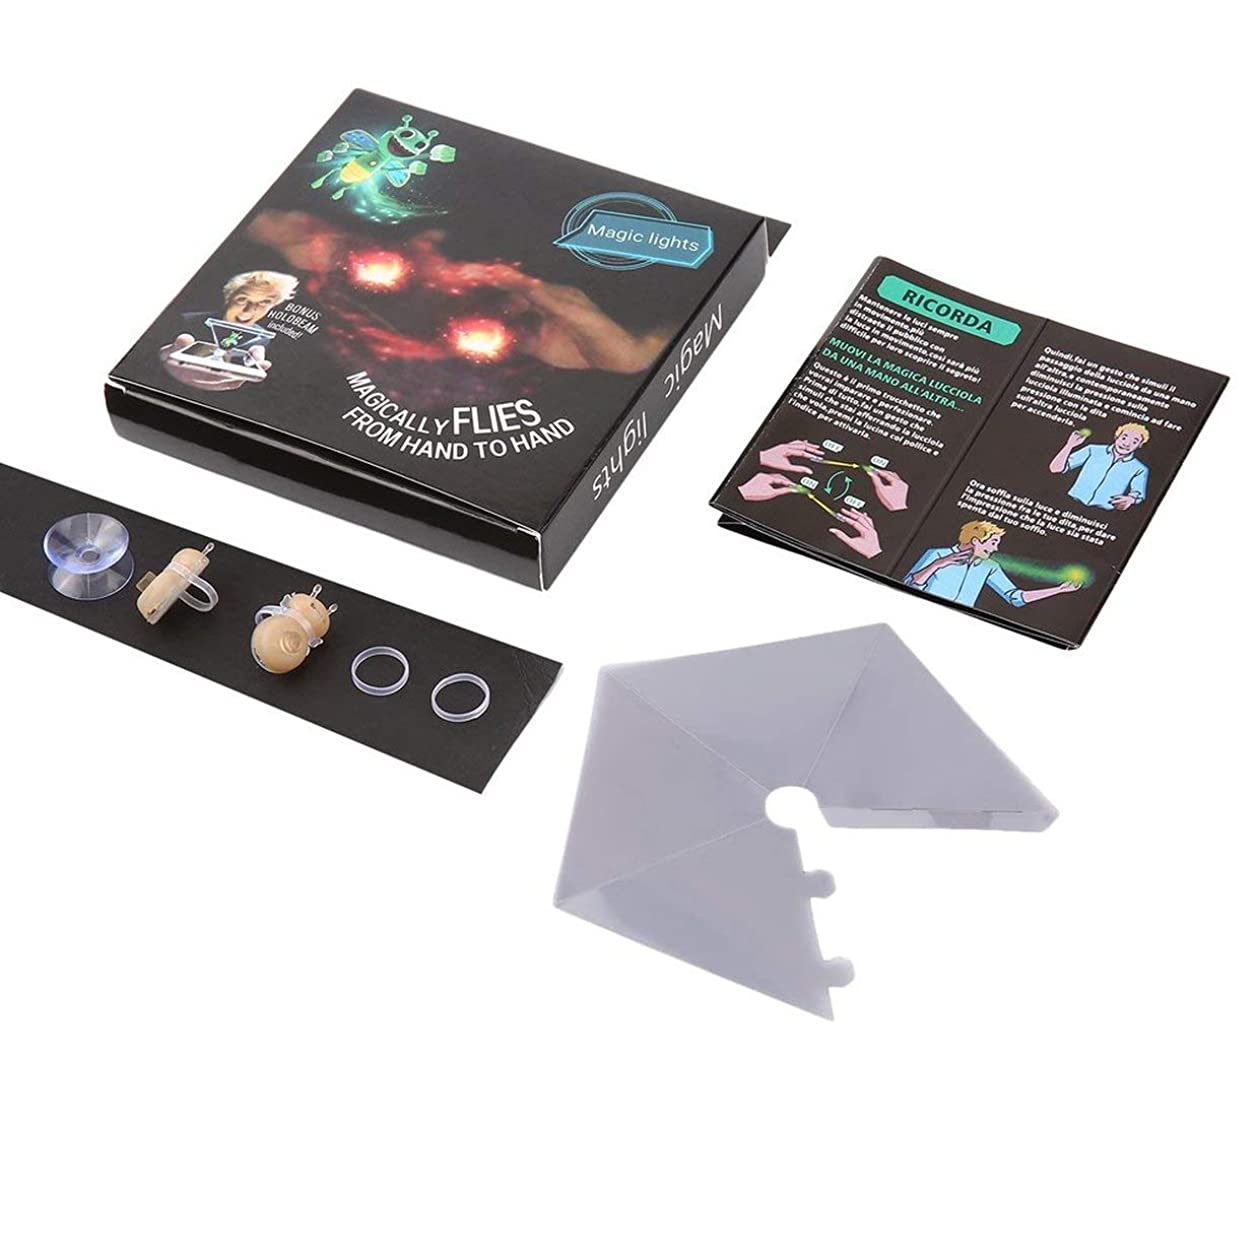 Tivollyff クリスマスプレゼント 3Dハニービーマジックライト ブライトブーツ ゲームトリック小道具 マジックフィンガープロップランプ ホログラムプロジェクションおもちゃ